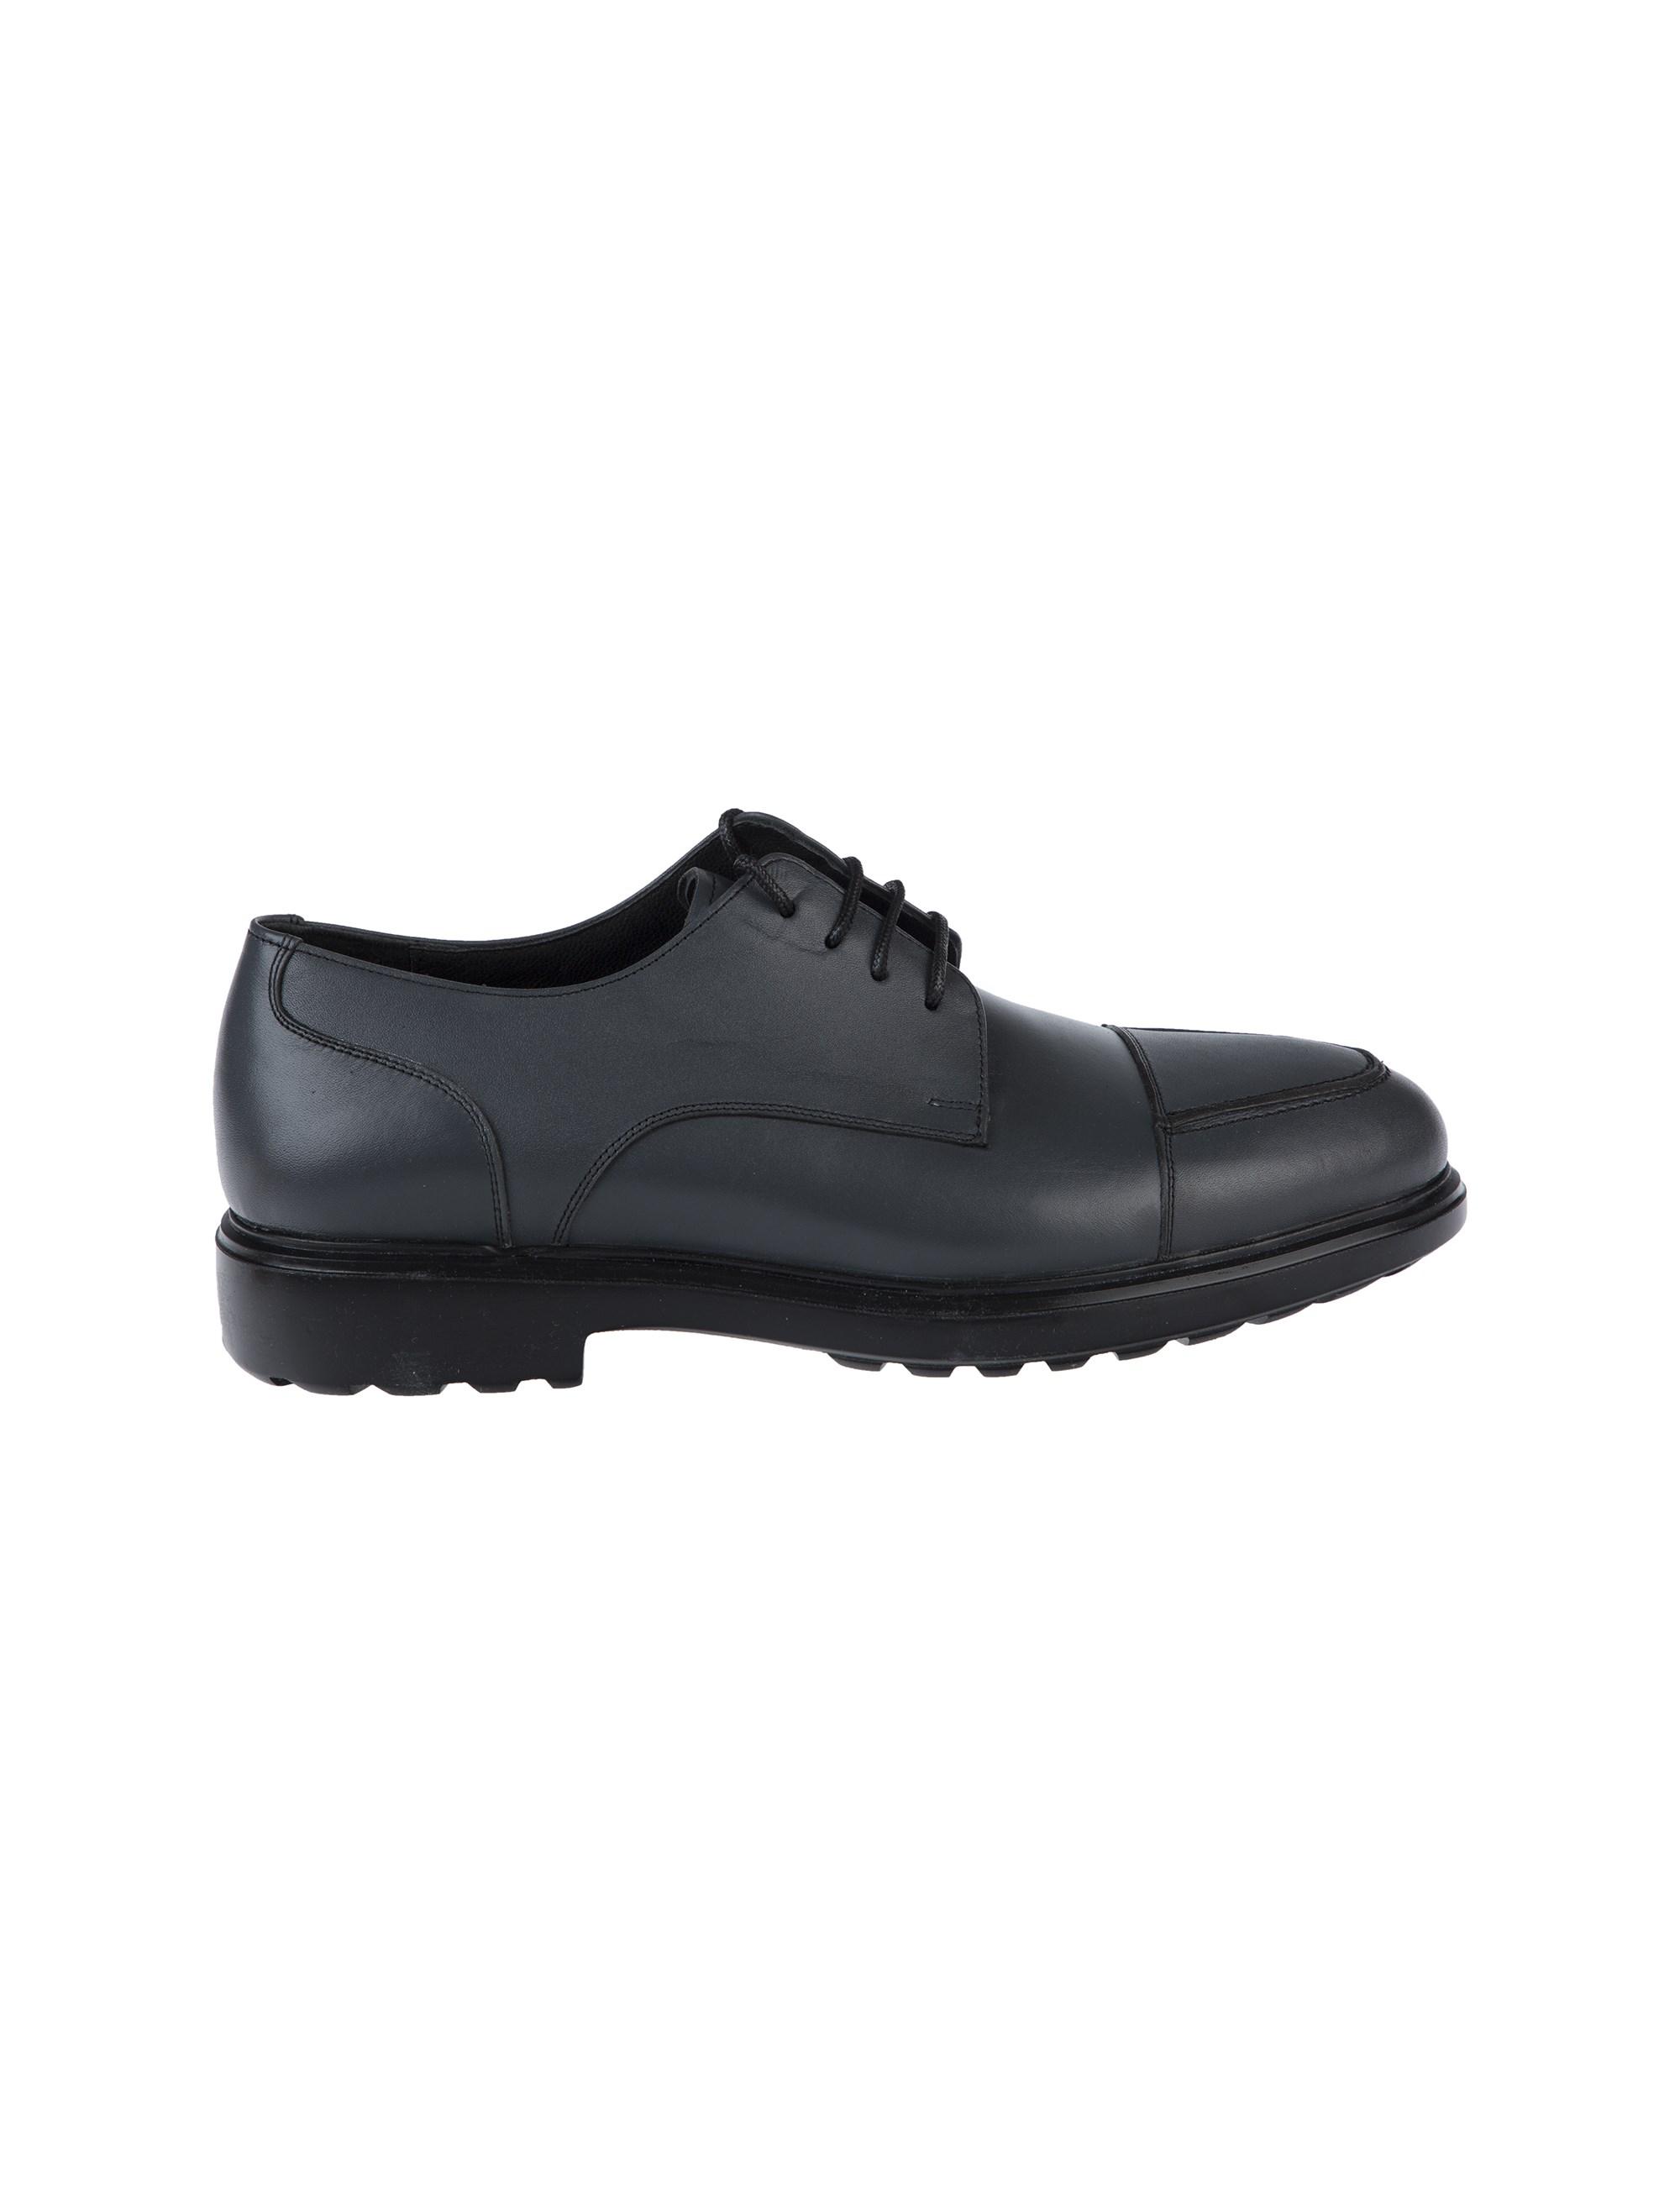 کفش اداری چرم مردانه Paxton - آرتمن